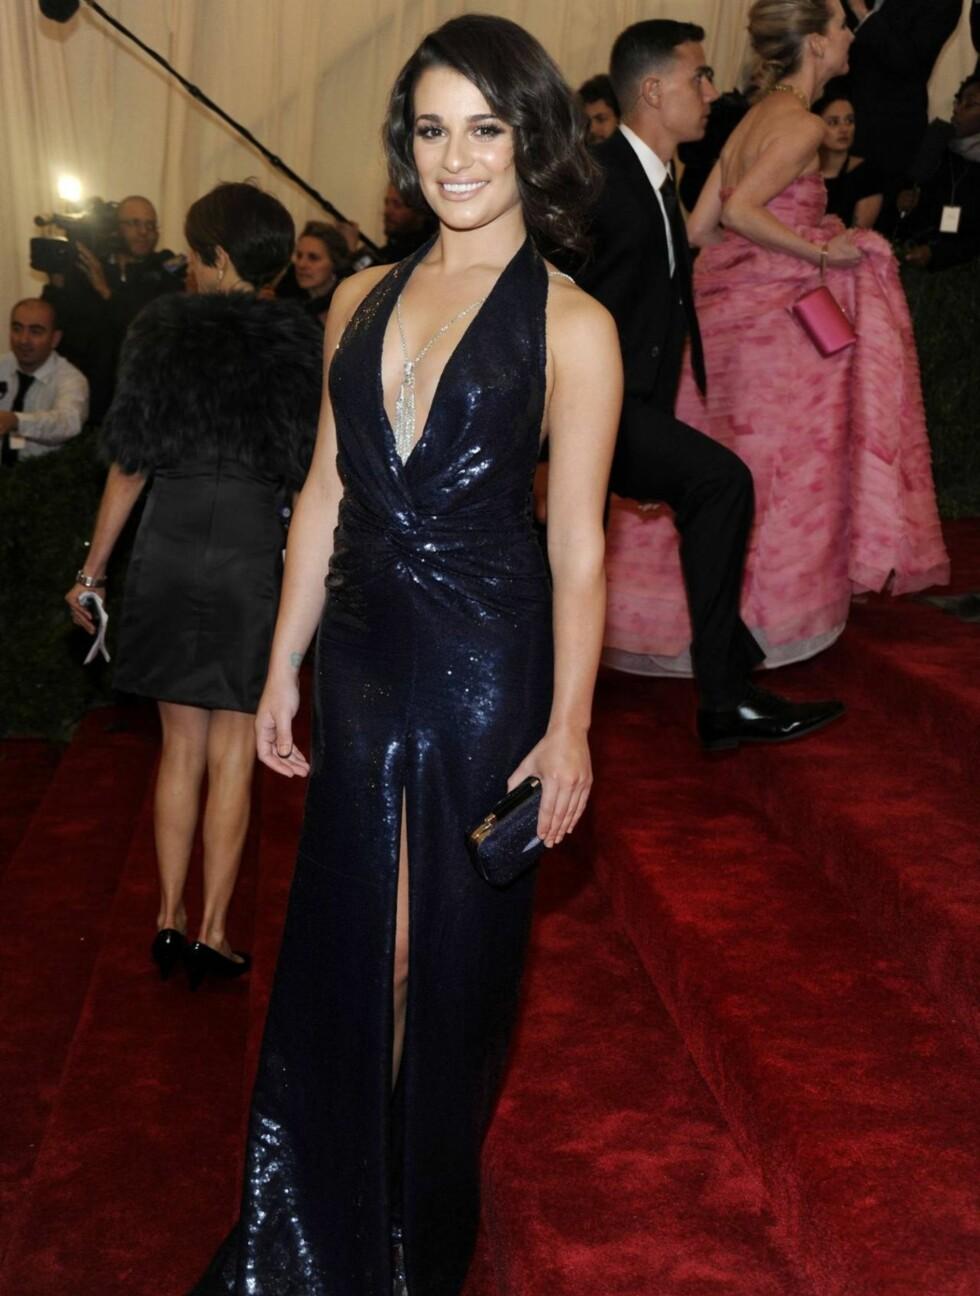 """FREKK KJOLE: """"Glee""""-stjernen Lea Michele viste frem bena i en lang kjole med høy splitt og dyp utringning.  Foto: All Over Press"""